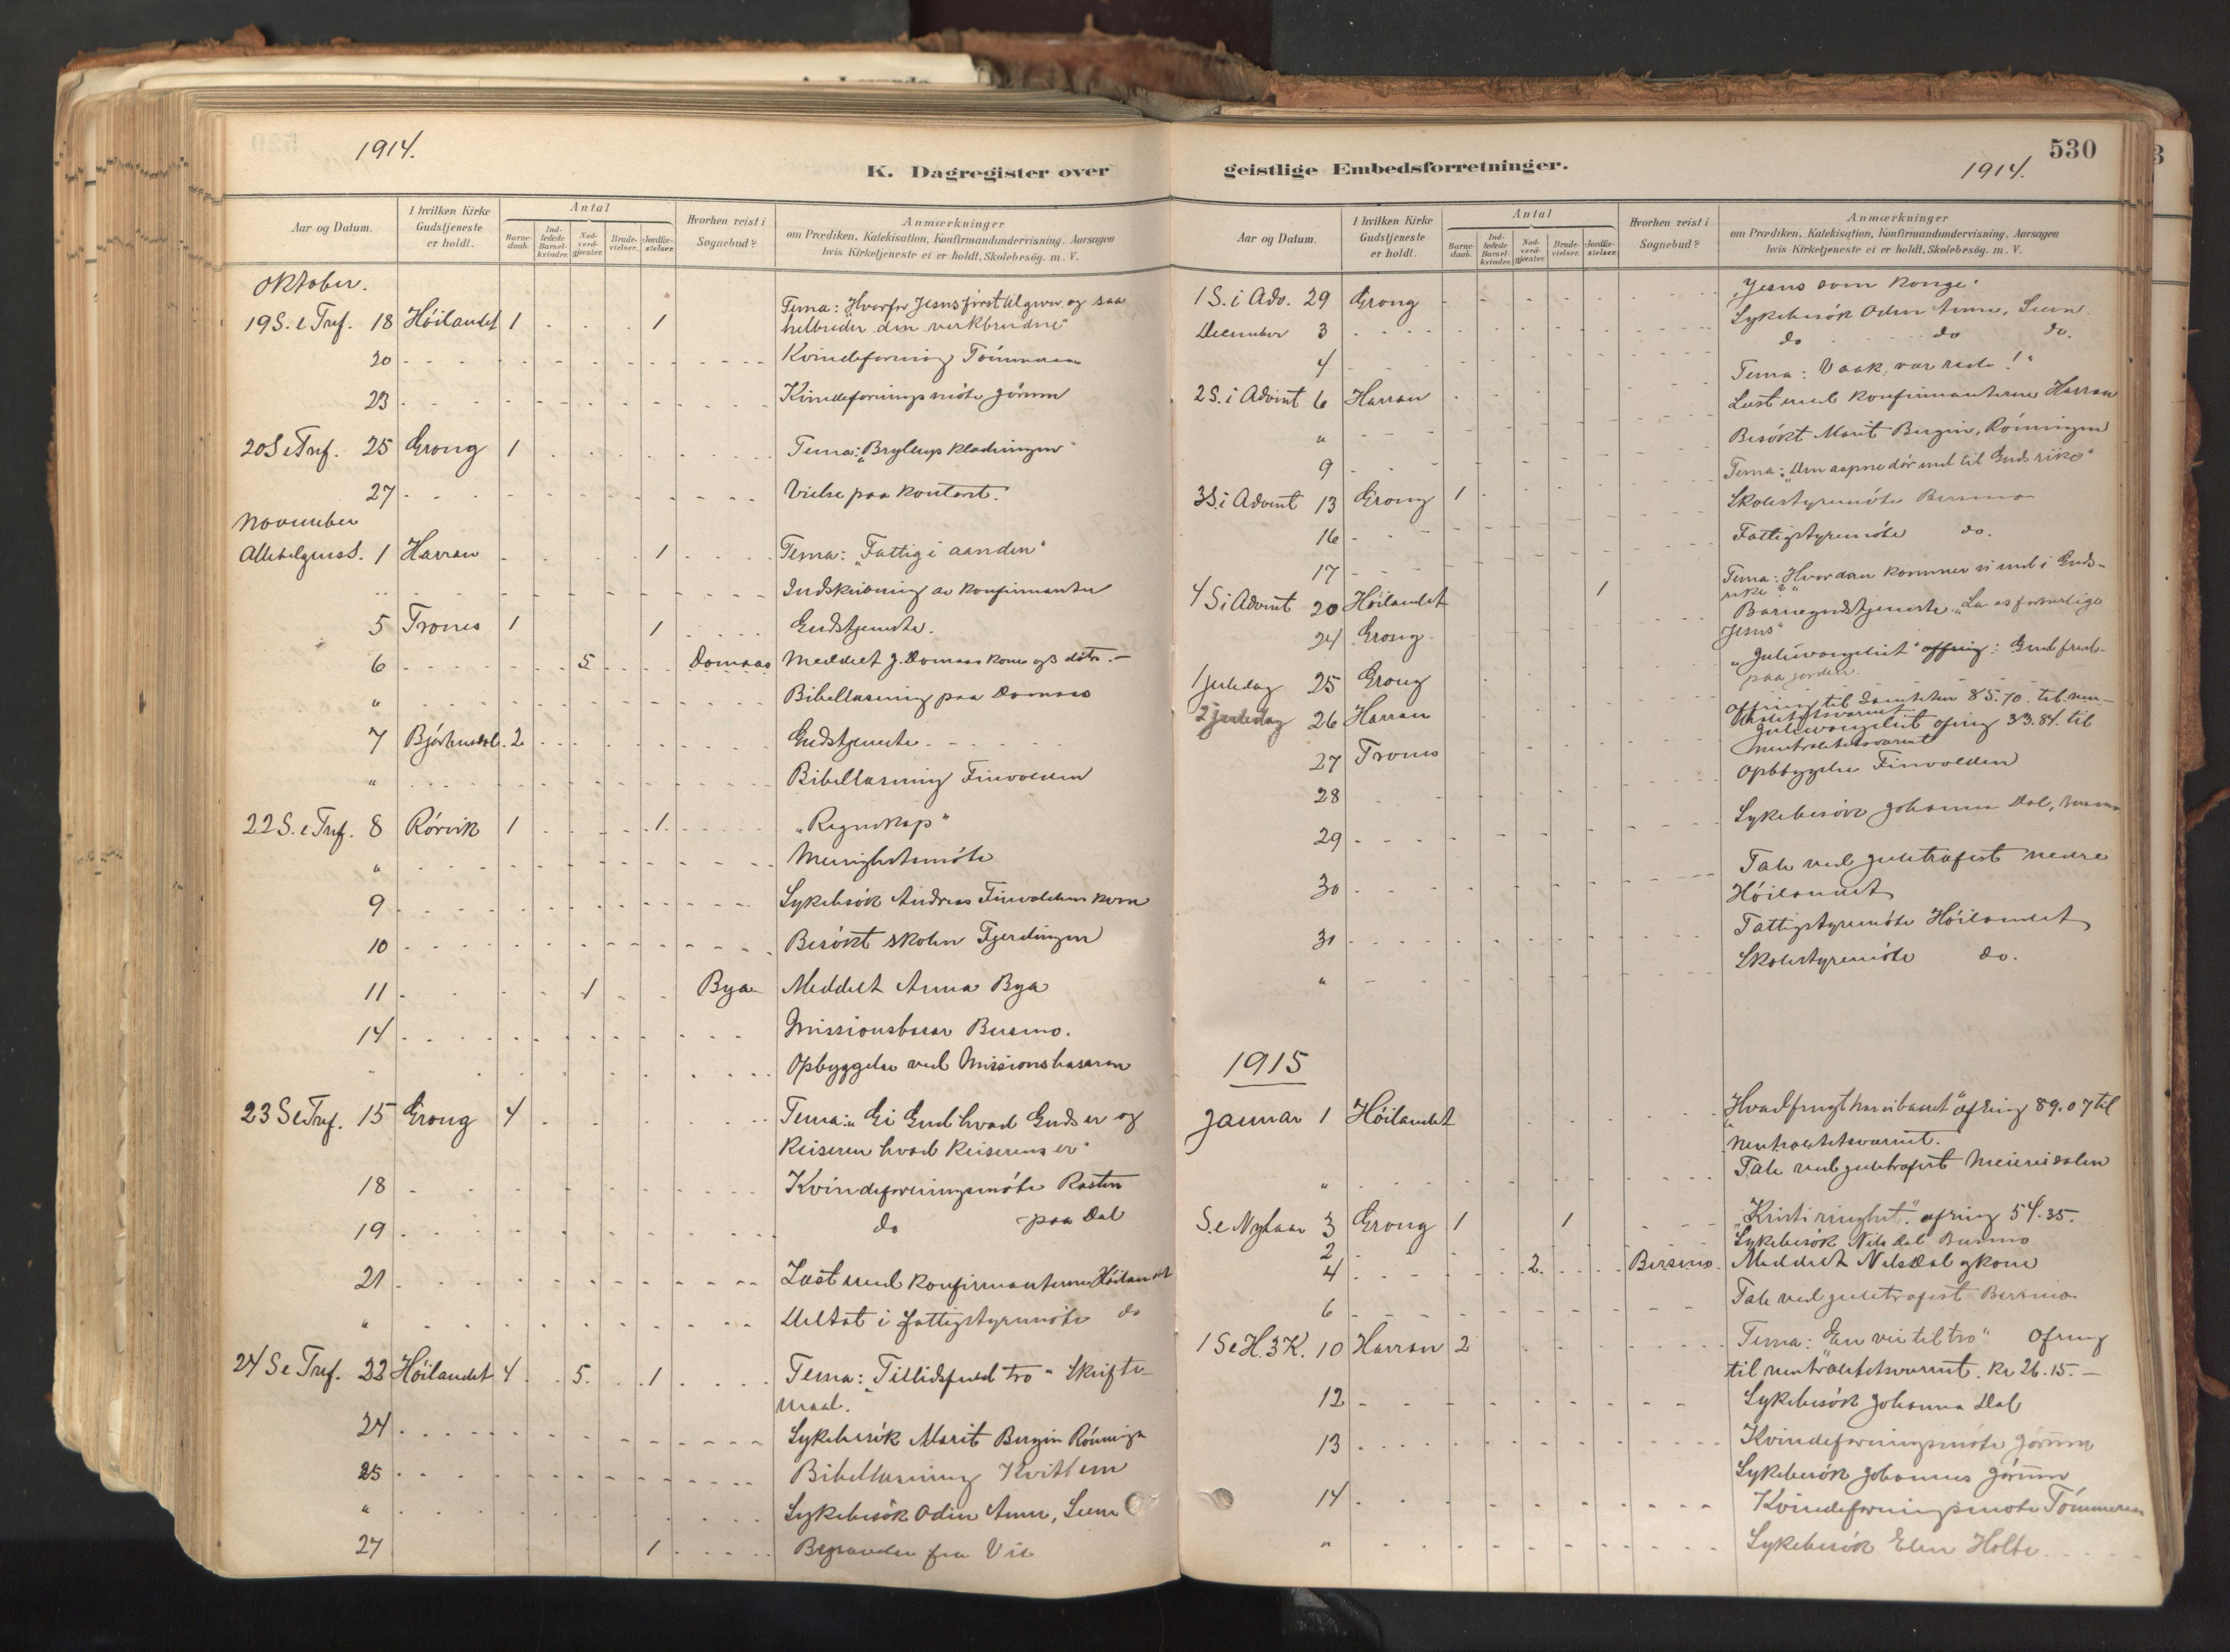 SAT, Ministerialprotokoller, klokkerbøker og fødselsregistre - Nord-Trøndelag, 758/L0519: Ministerialbok nr. 758A04, 1880-1926, s. 530